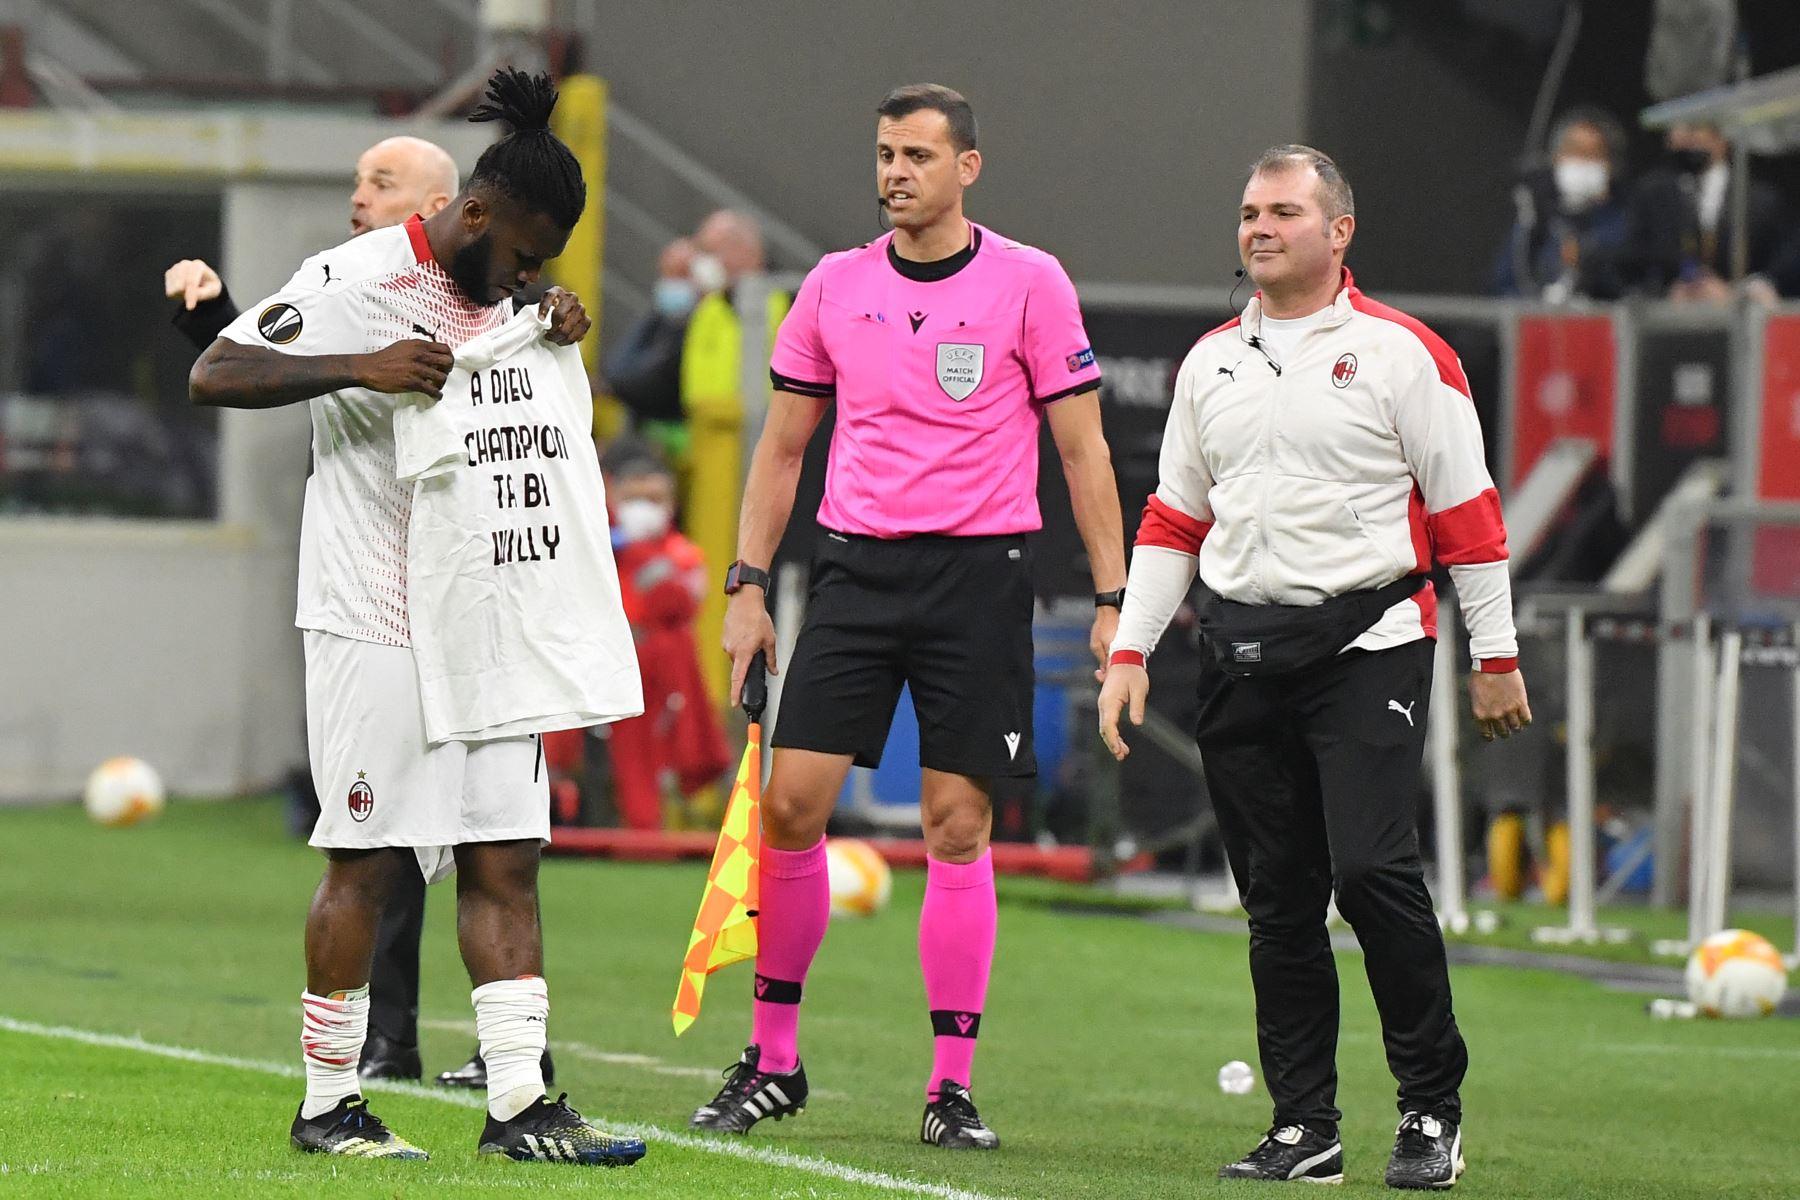 El centrocampista marfileño del AC Milan Franck Kessie sostiene una camiseta en homenaje al fallecido jugador marfileño Willy Bracciano Ta Bi, durante la ronda de dieciseisavos de final de la UEFA Europa League. Foto: AFP